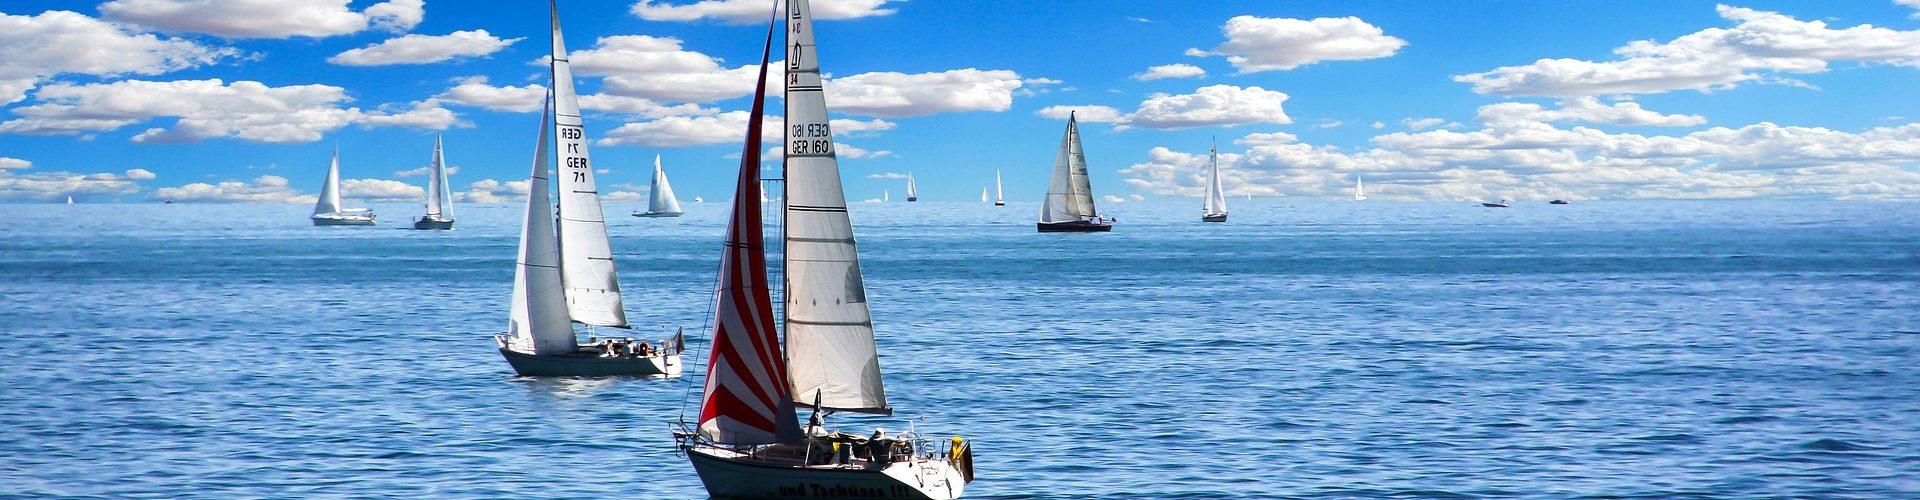 segeln lernen in Vöhringen segelschein machen in Vöhringen 1920x500 - Segeln lernen in Vöhringen